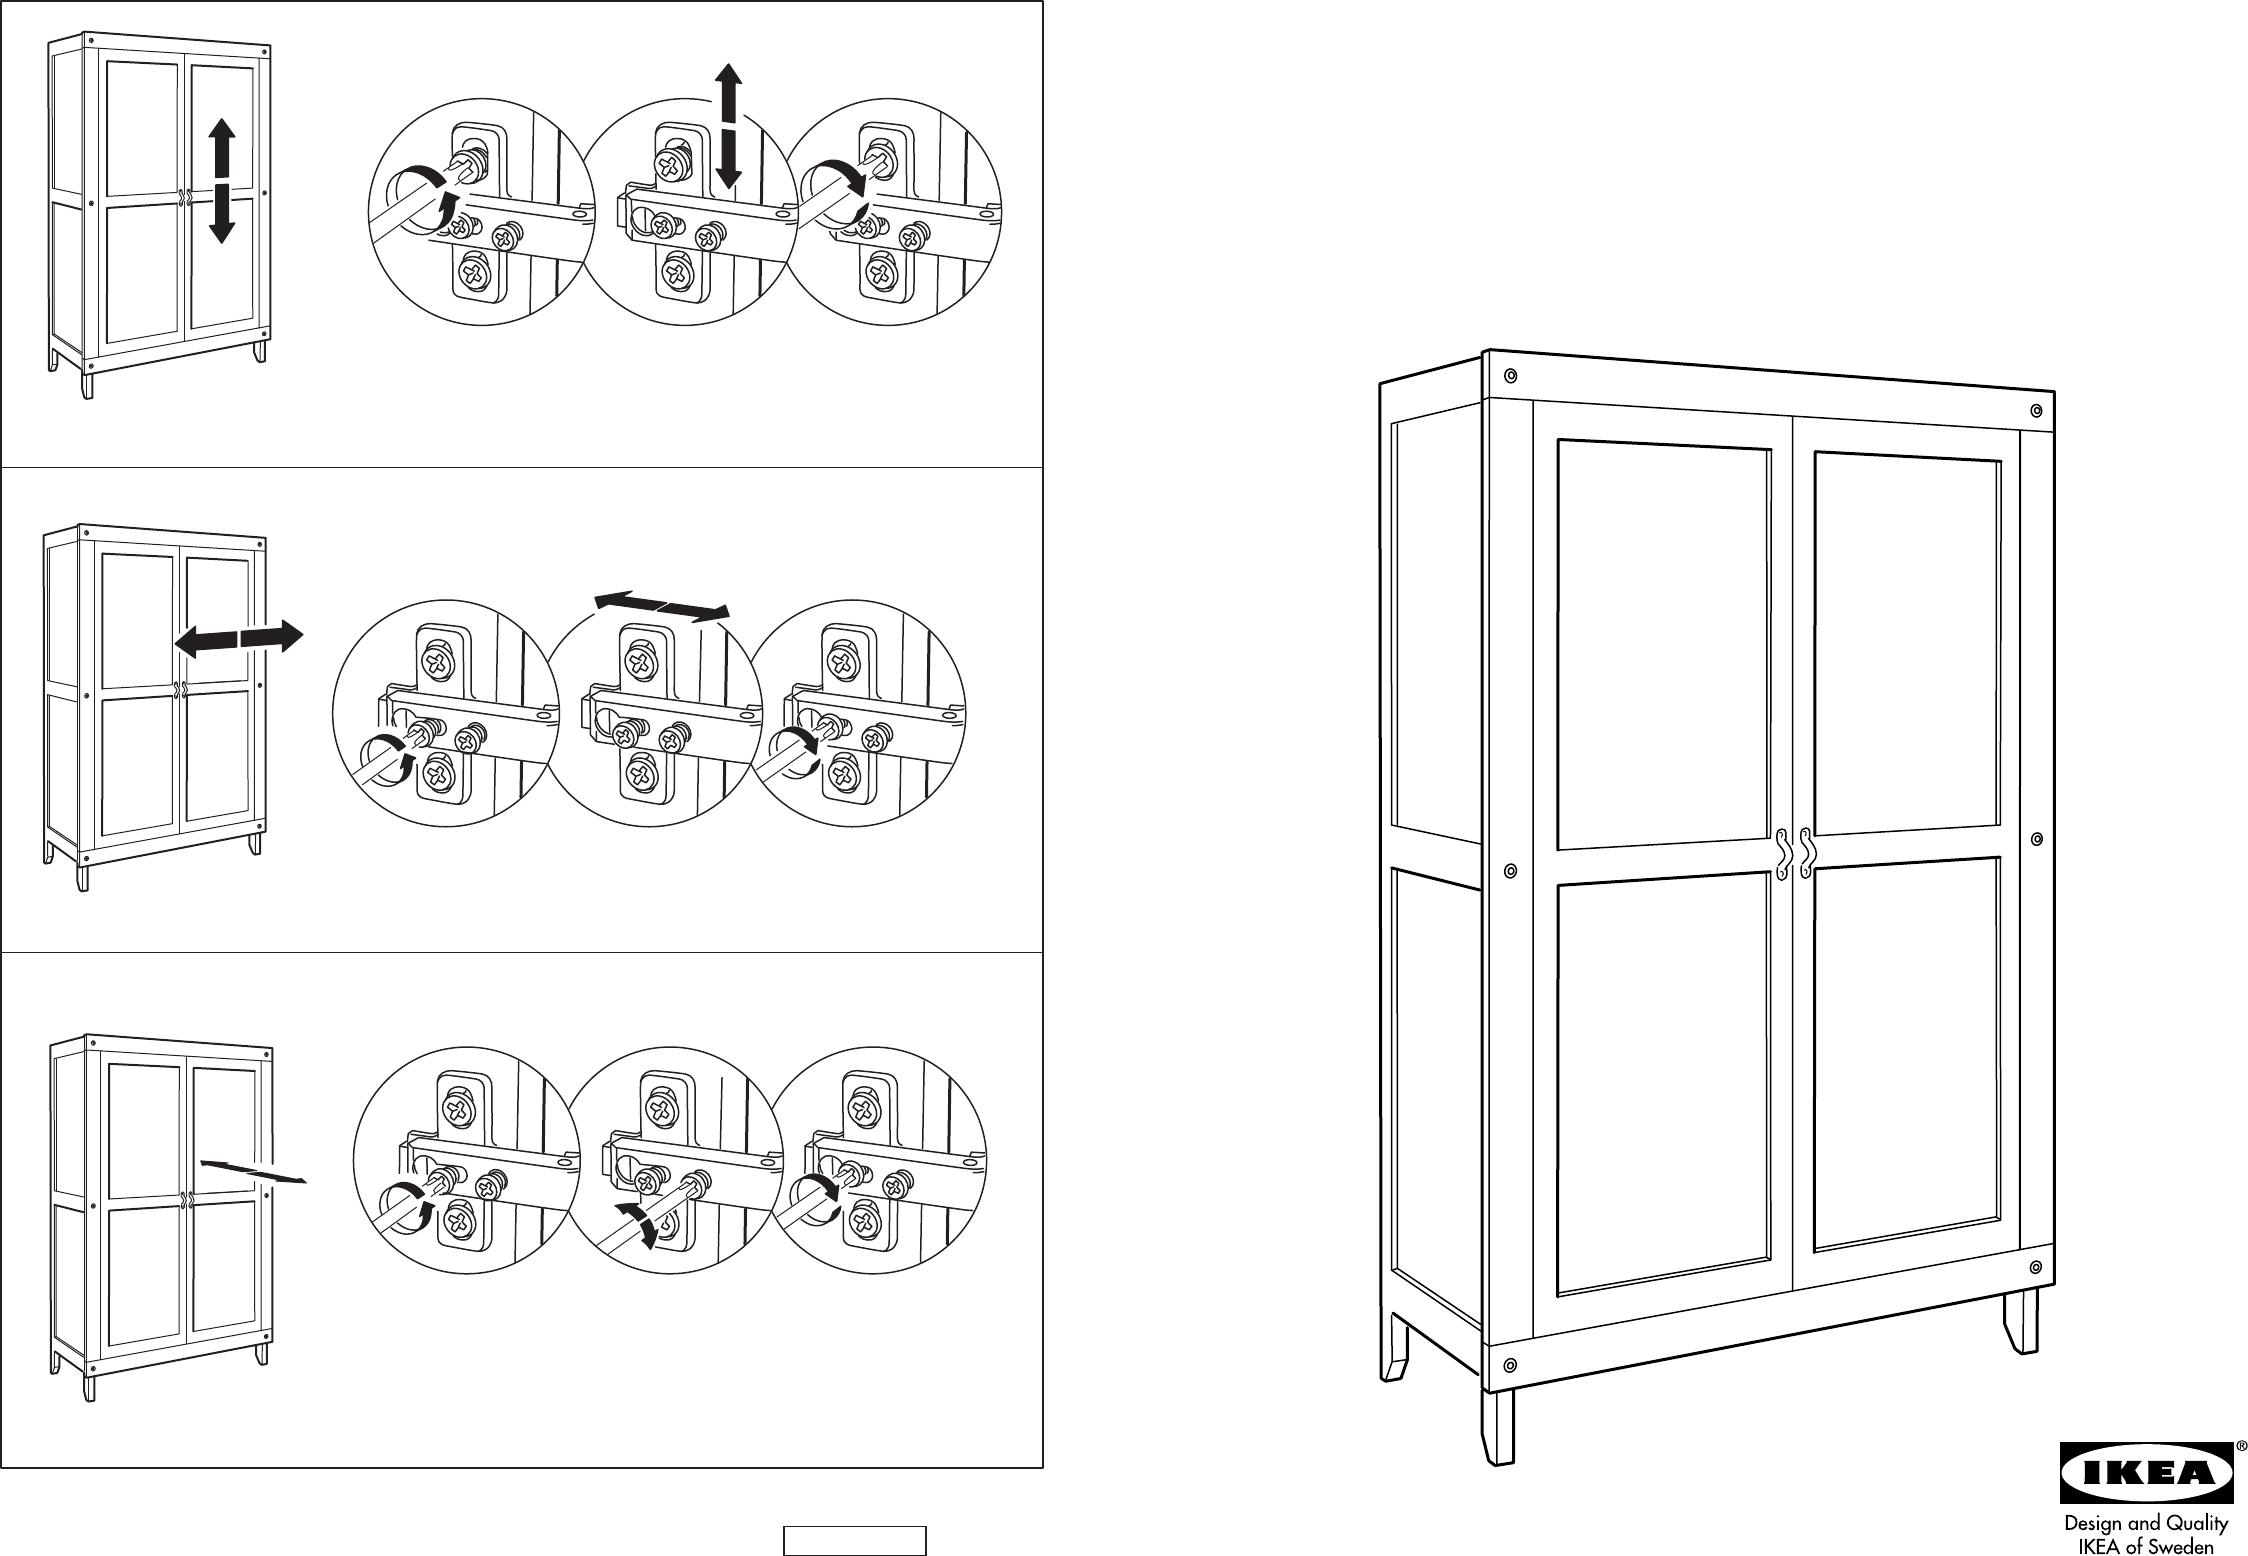 bedienungsanleitung ikea stranda garderobekast seite 1 von 10 d nisch deutsch englisch. Black Bedroom Furniture Sets. Home Design Ideas